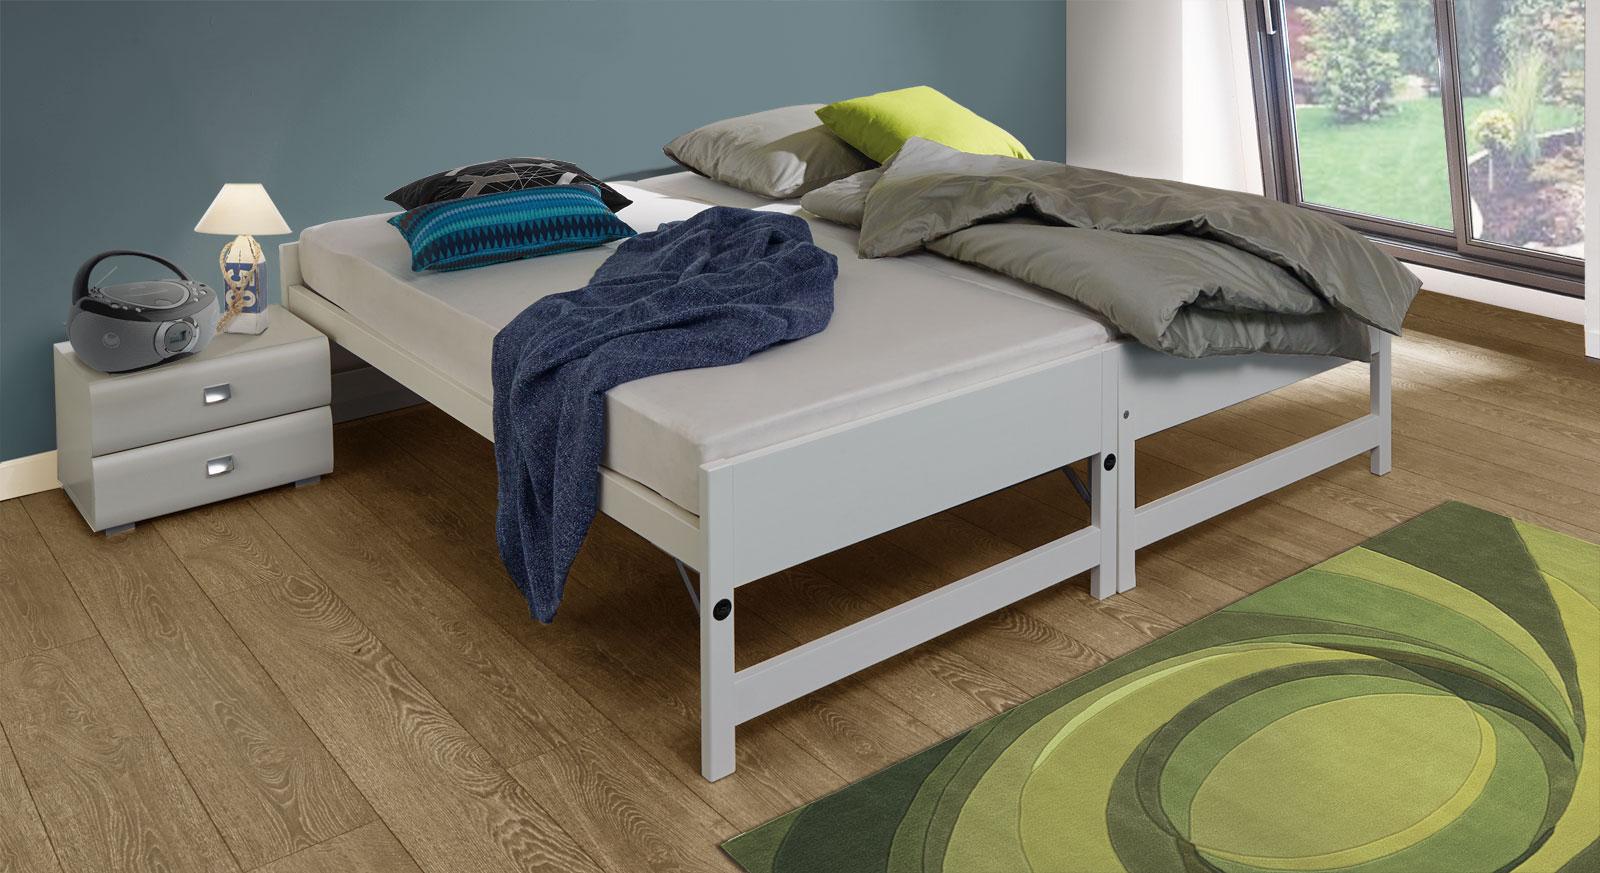 Ausziehbett On Top kann bequem in ein Doppelbett umgewandelt werden